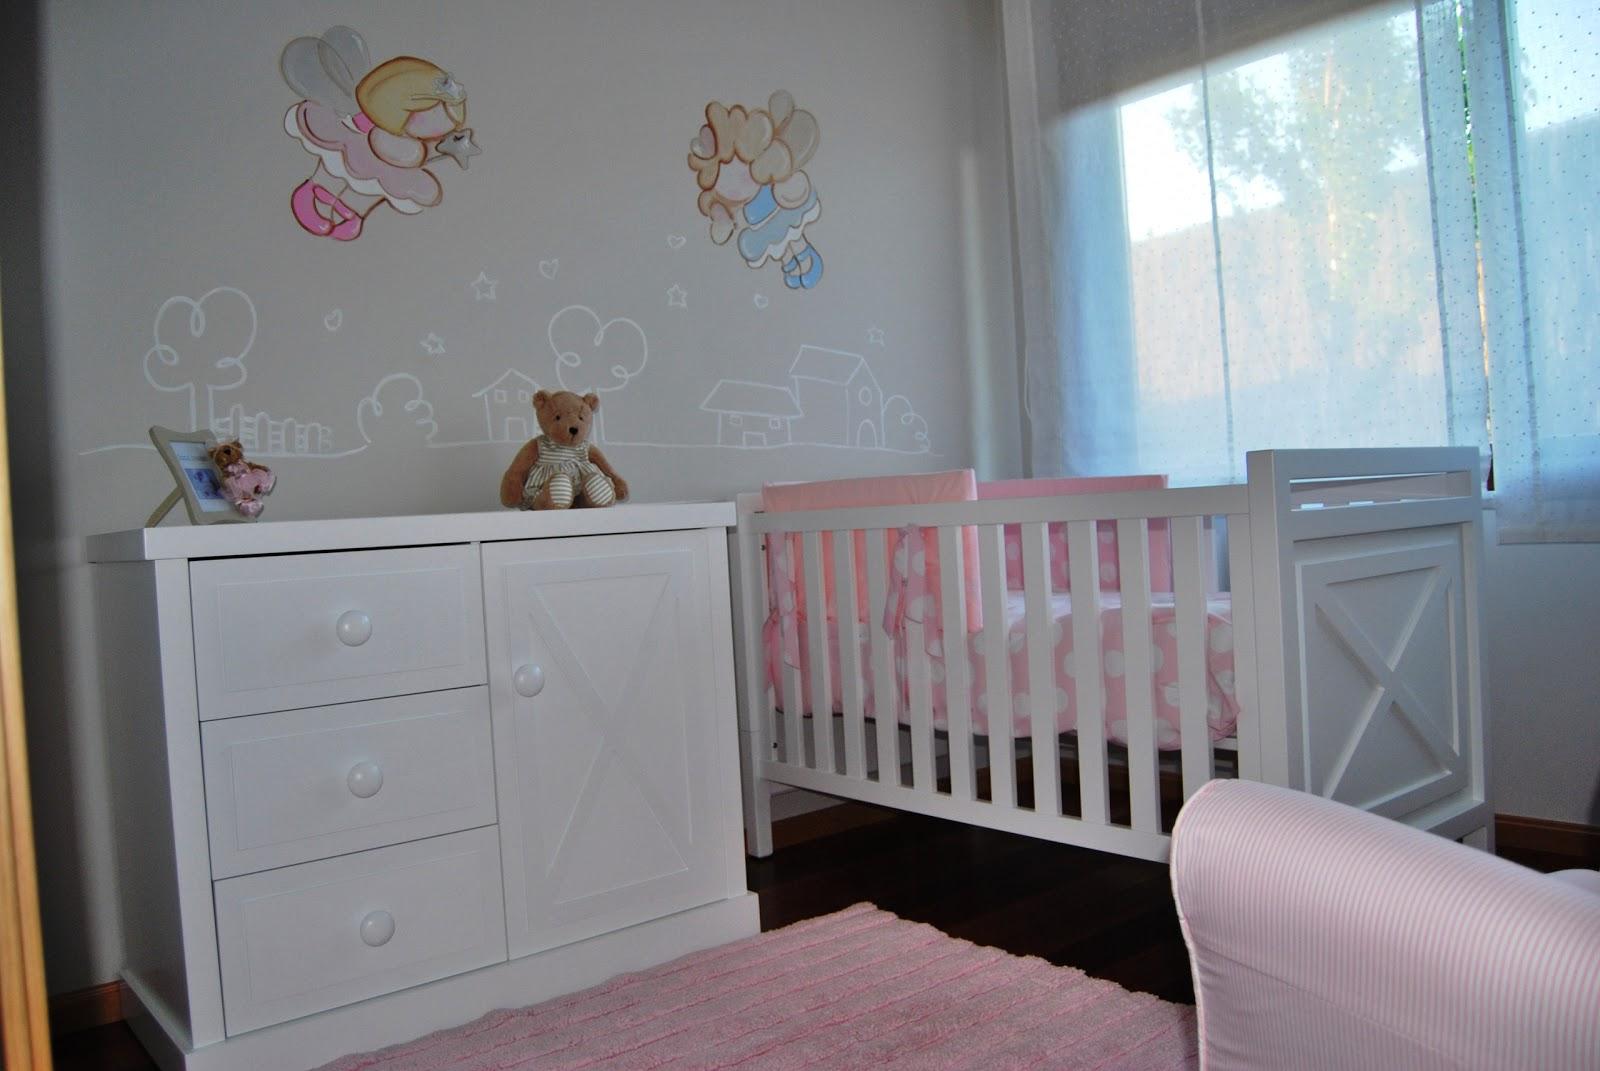 deco chambre b b une fresque combin e avec sticker dans un bois deux f es le berceau et la. Black Bedroom Furniture Sets. Home Design Ideas